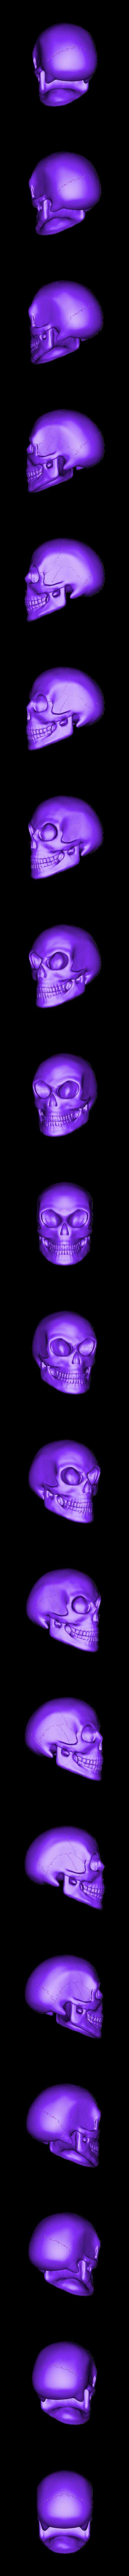 skull.stl Télécharger fichier STL gratuit Crâne • Objet pour imprimante 3D, Dourgurd